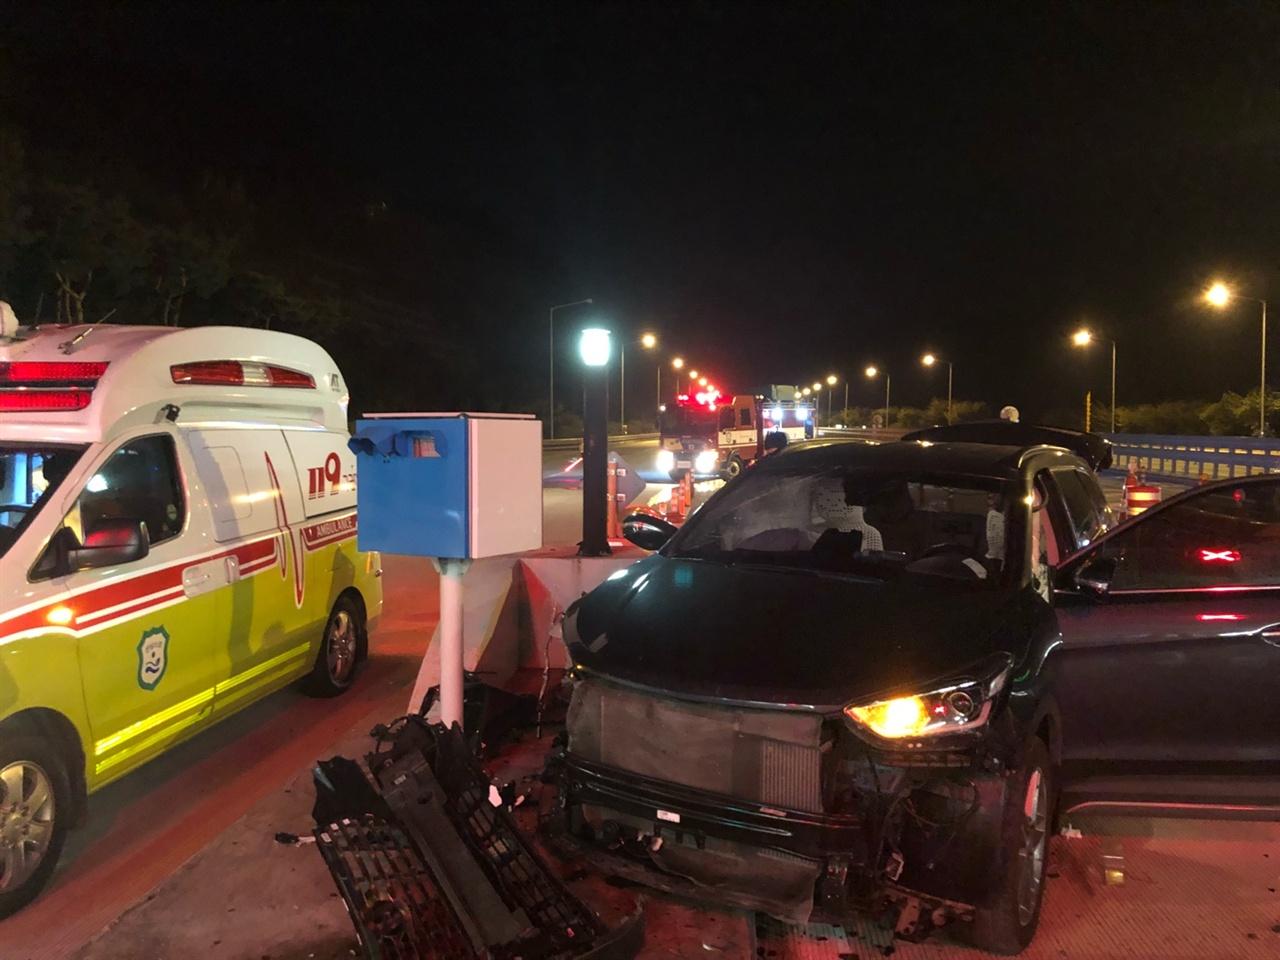 25일 교통사고 관련 사진 교통사고 관련 사진